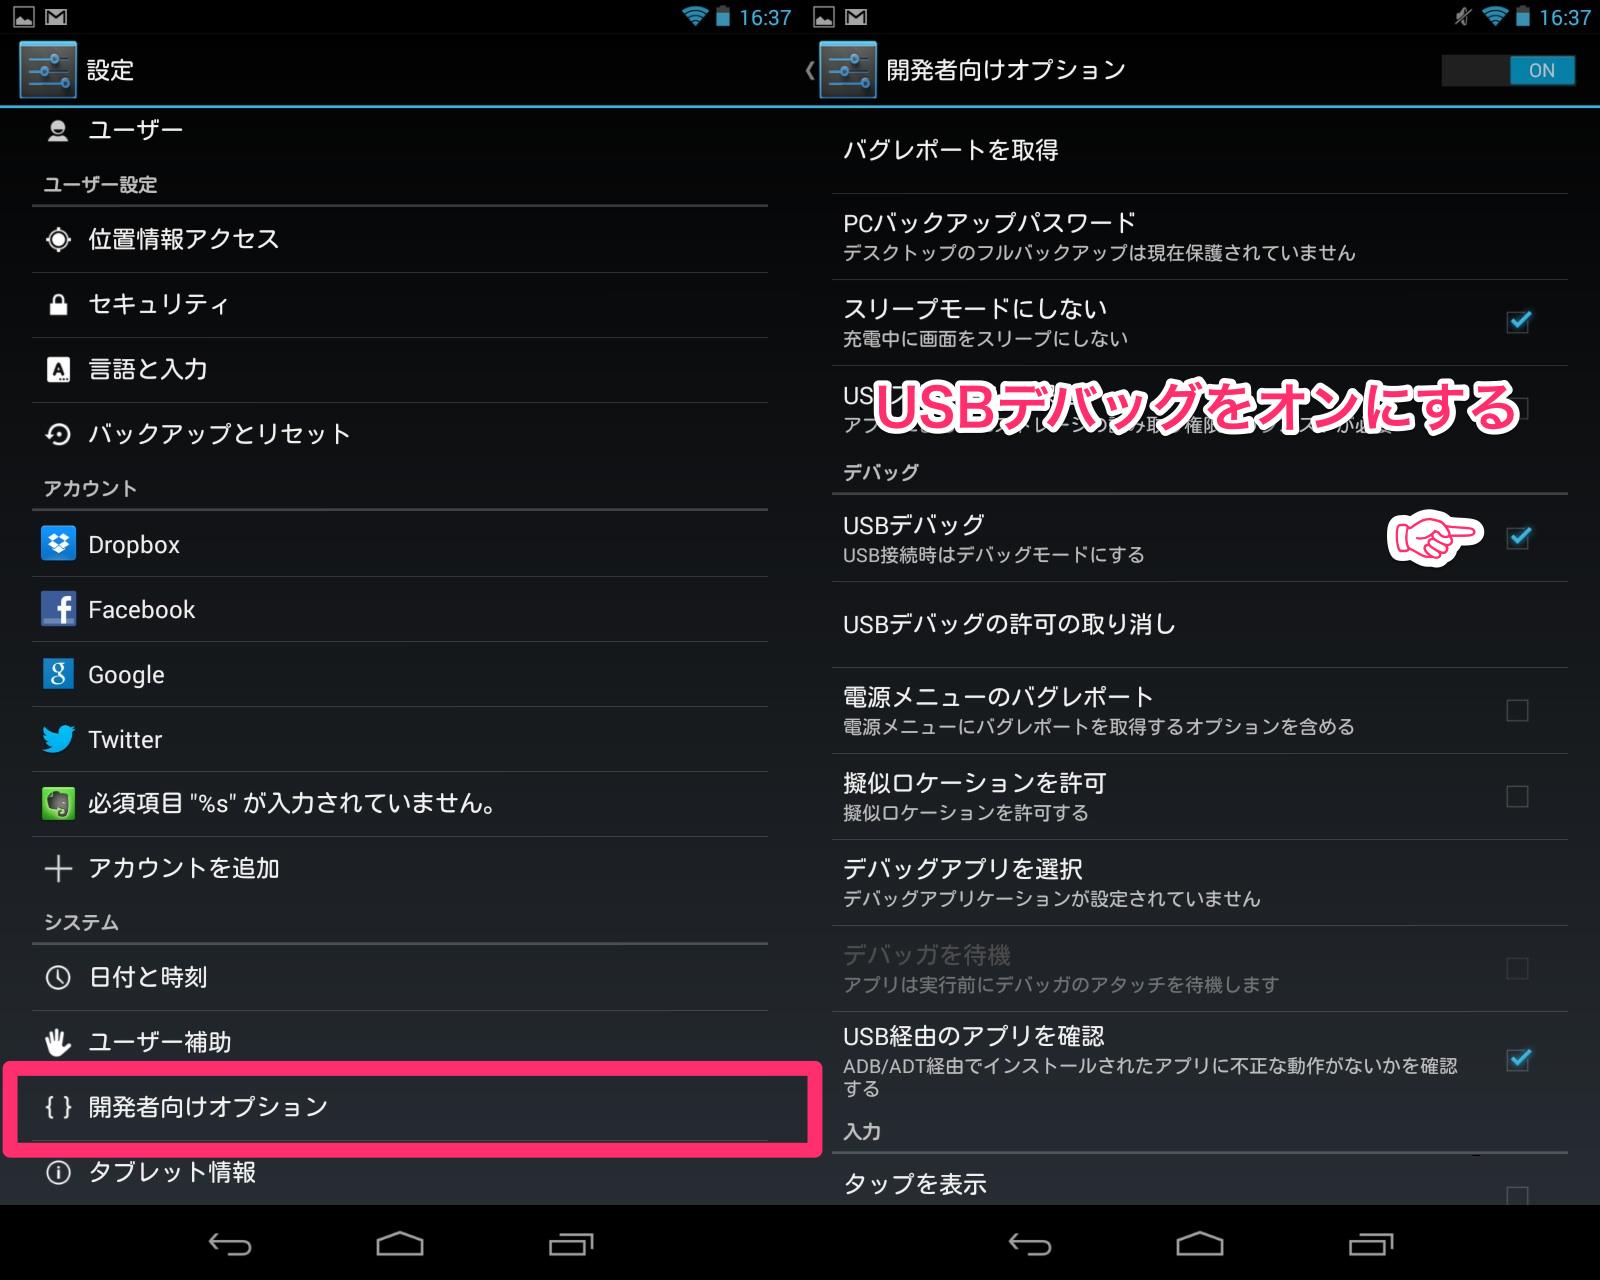 Nexus 7(2012)をAndroid 4.4 KitKatに手動でアップデートする方法 携帯総合研究所